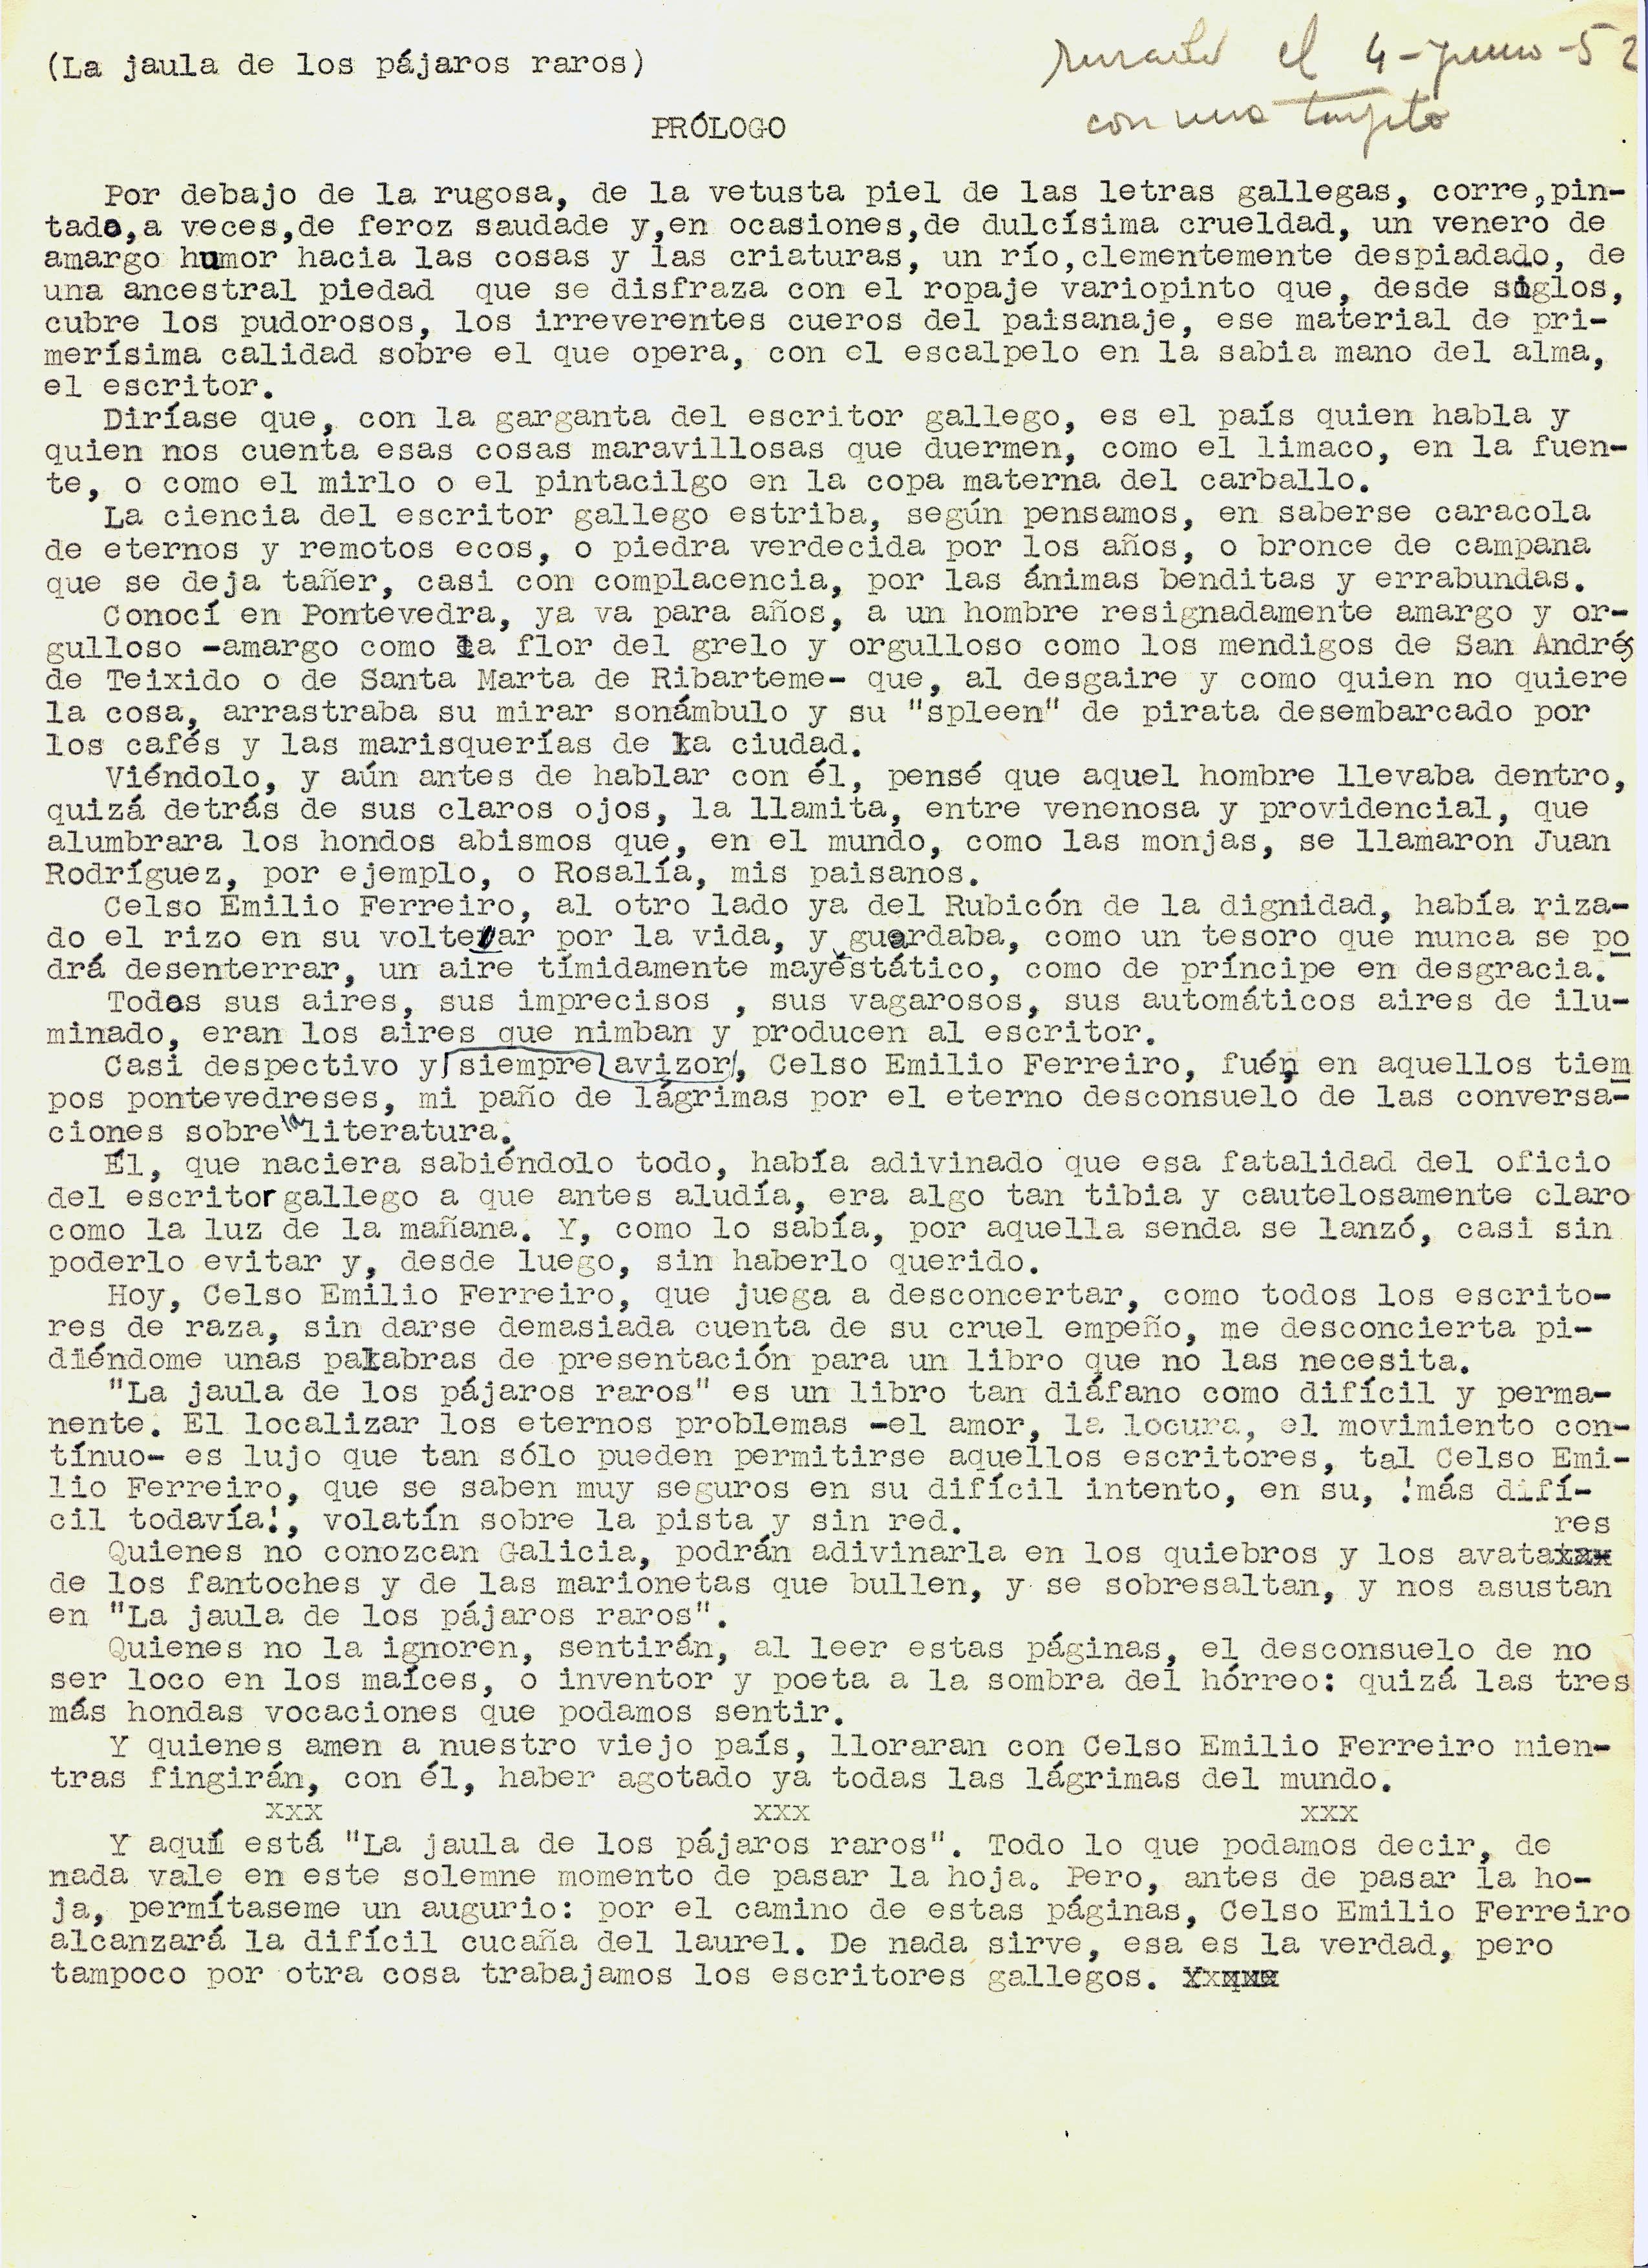 Prólogo de CJC a Celso Emilio Ferreiro_1952